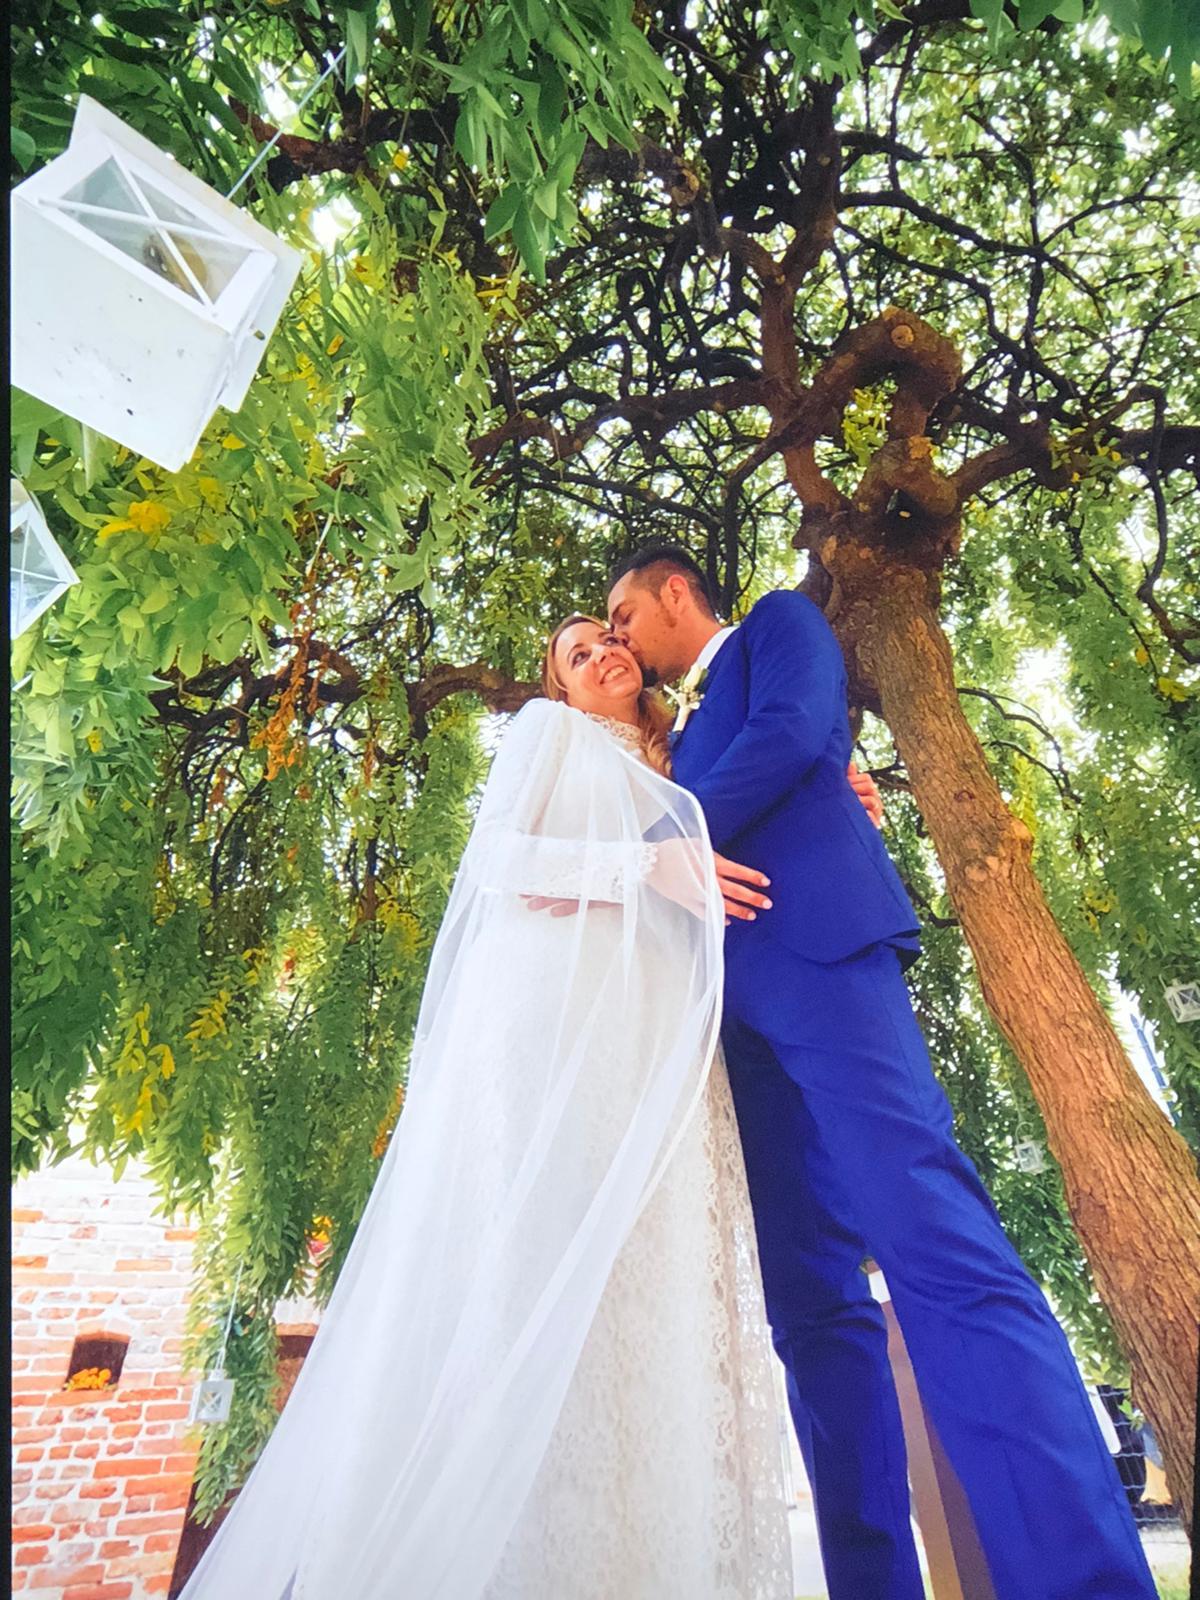 Matrimonio in autunno a Padova Casa Tormene